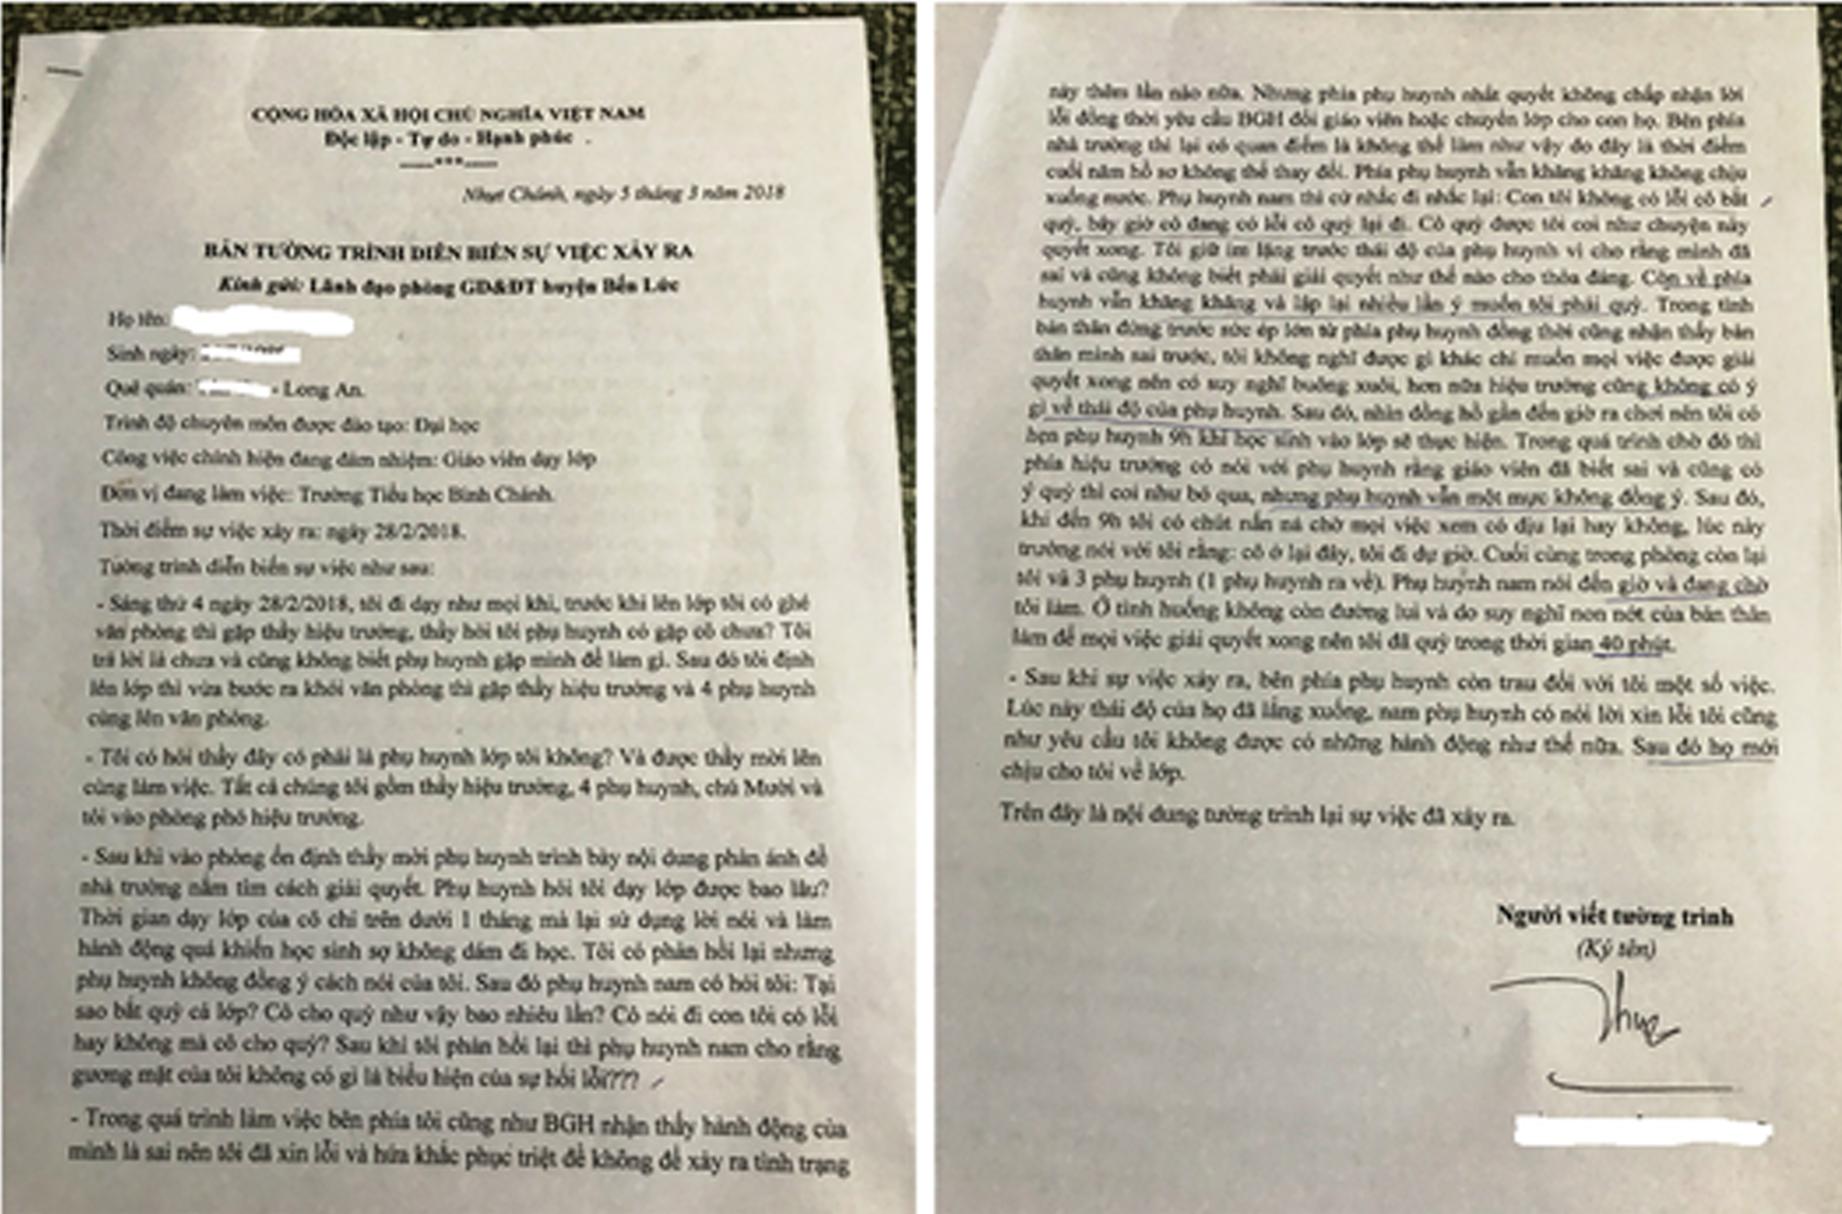 Giáo dục - Cô giáo bị ép quỳ xin lỗi phụ huynh: 'Tôi không muốn nói thêm về chuyện này nữa'